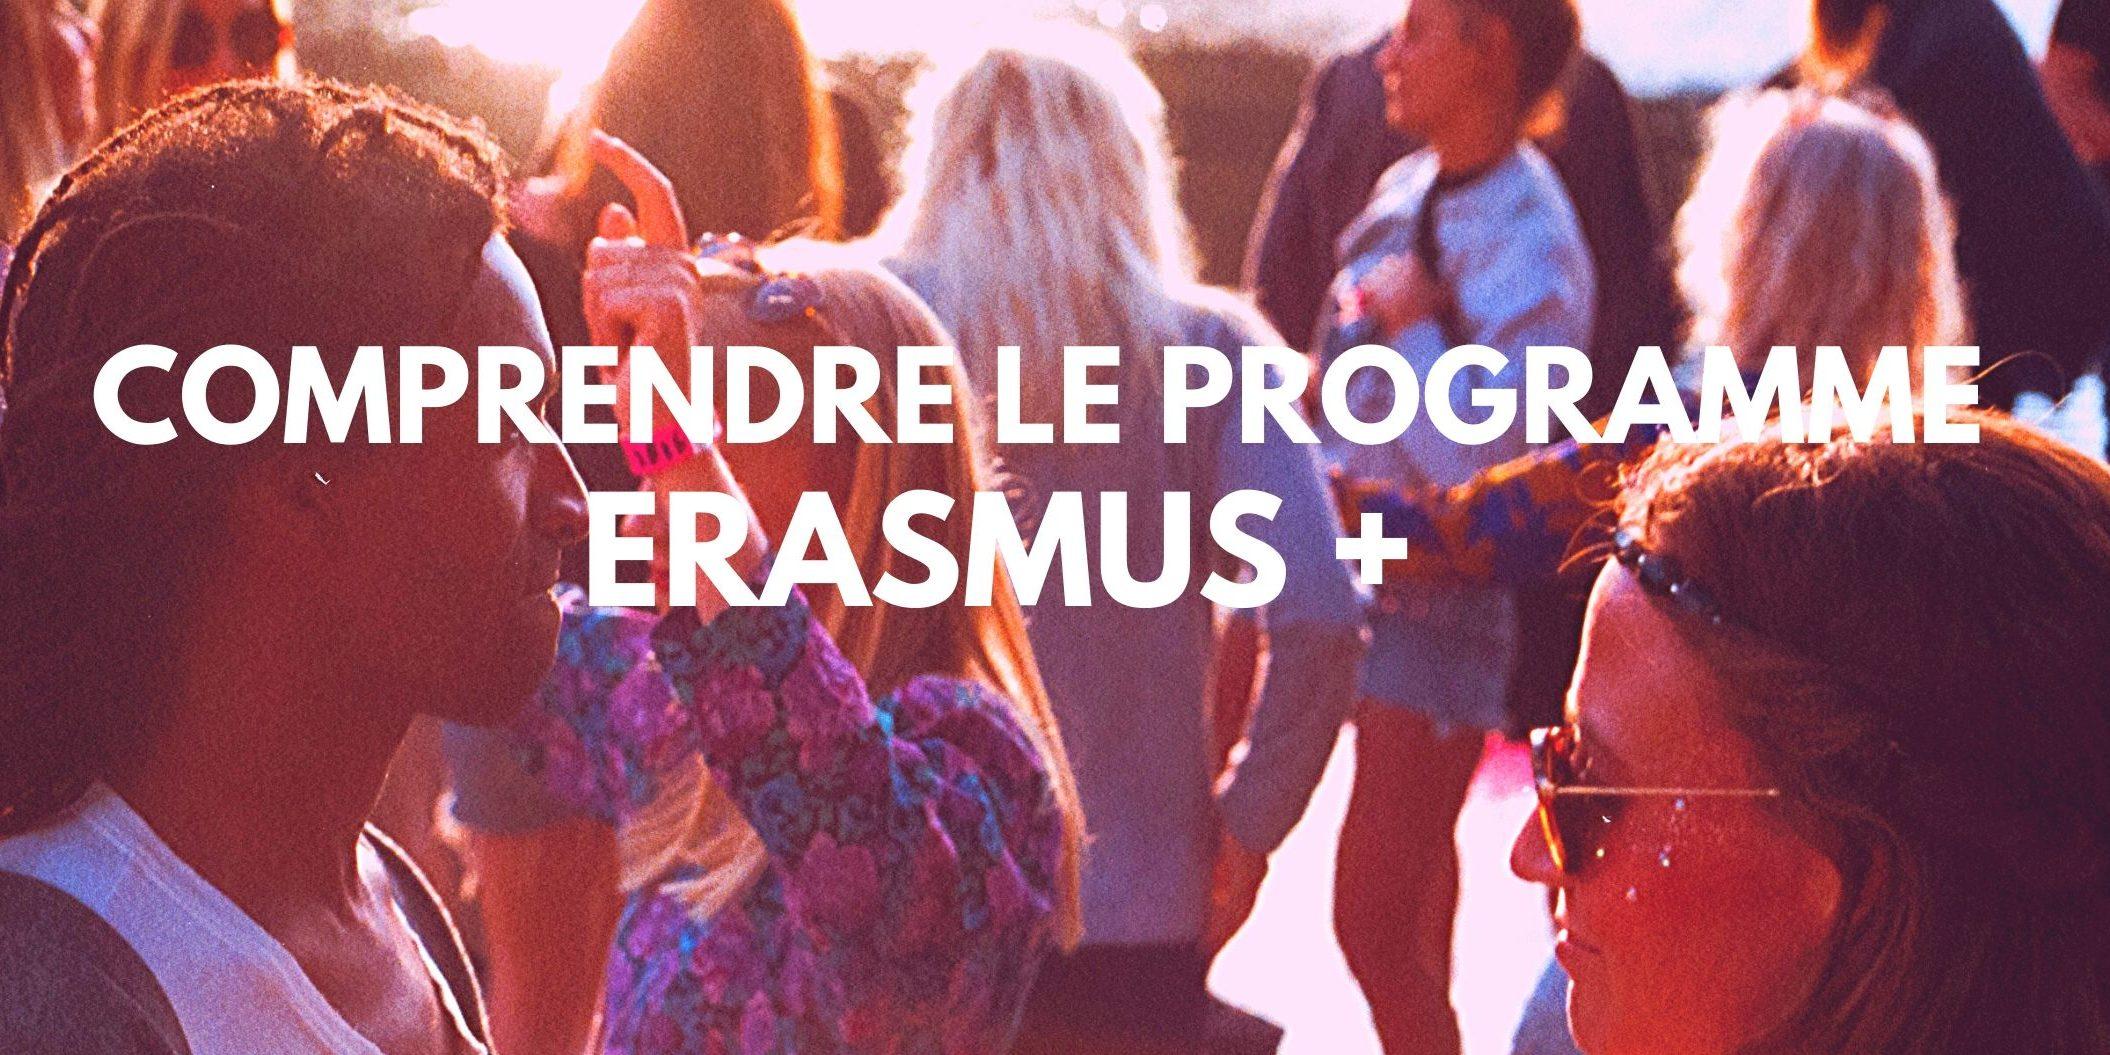 Erasmus Claire Nous Aide à Comprendre Le Programme Thotis